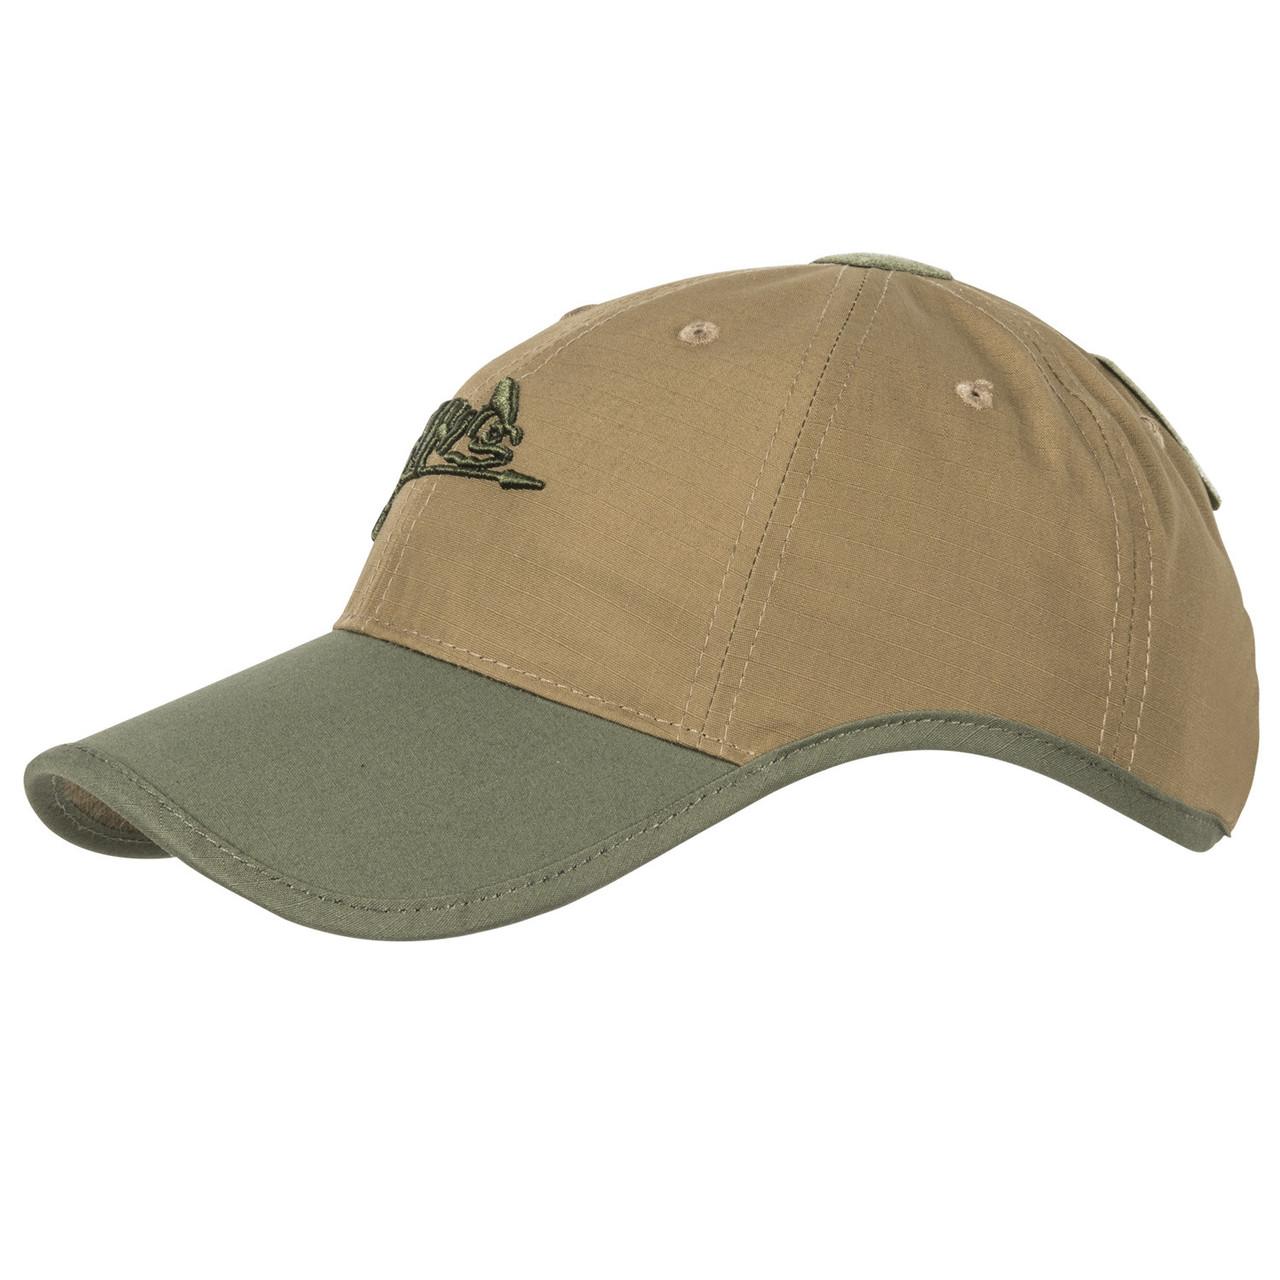 Тактическая бейсболка Helikon-Tex® Logo Cap - PolyCotton Ripstop - Койот/Олива